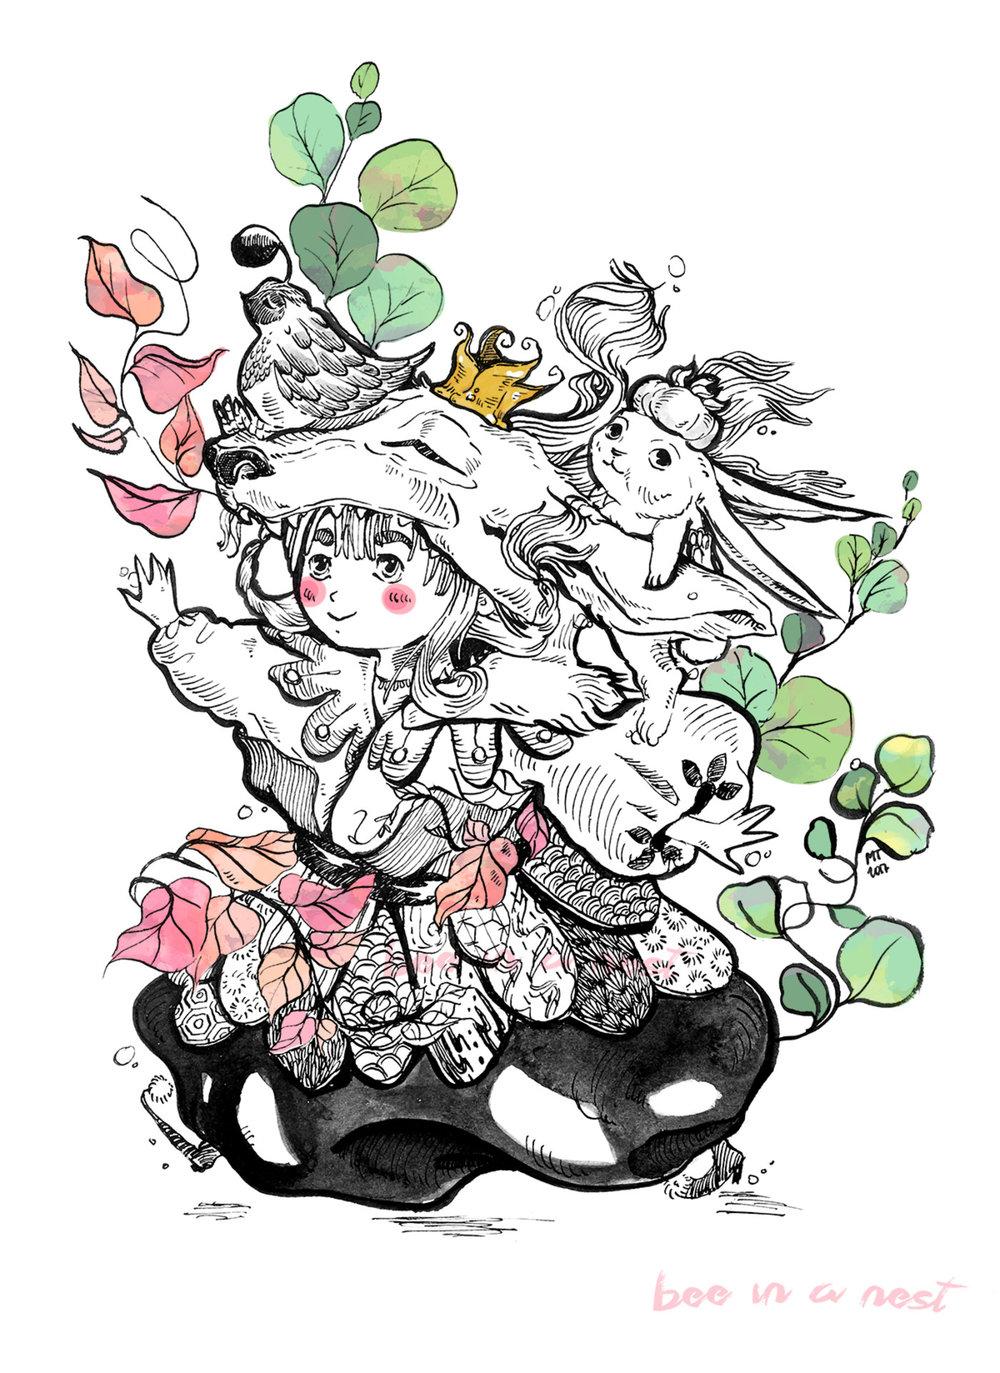 Non dimenticare come si fa a giocare - Allegra e sprezzante del pericolo, corre veloce nei campi della sua fantasia. Nessuno puòfermala e nessuno puòvincere. C'é una piccola bambina lupo in ognuna di noi.